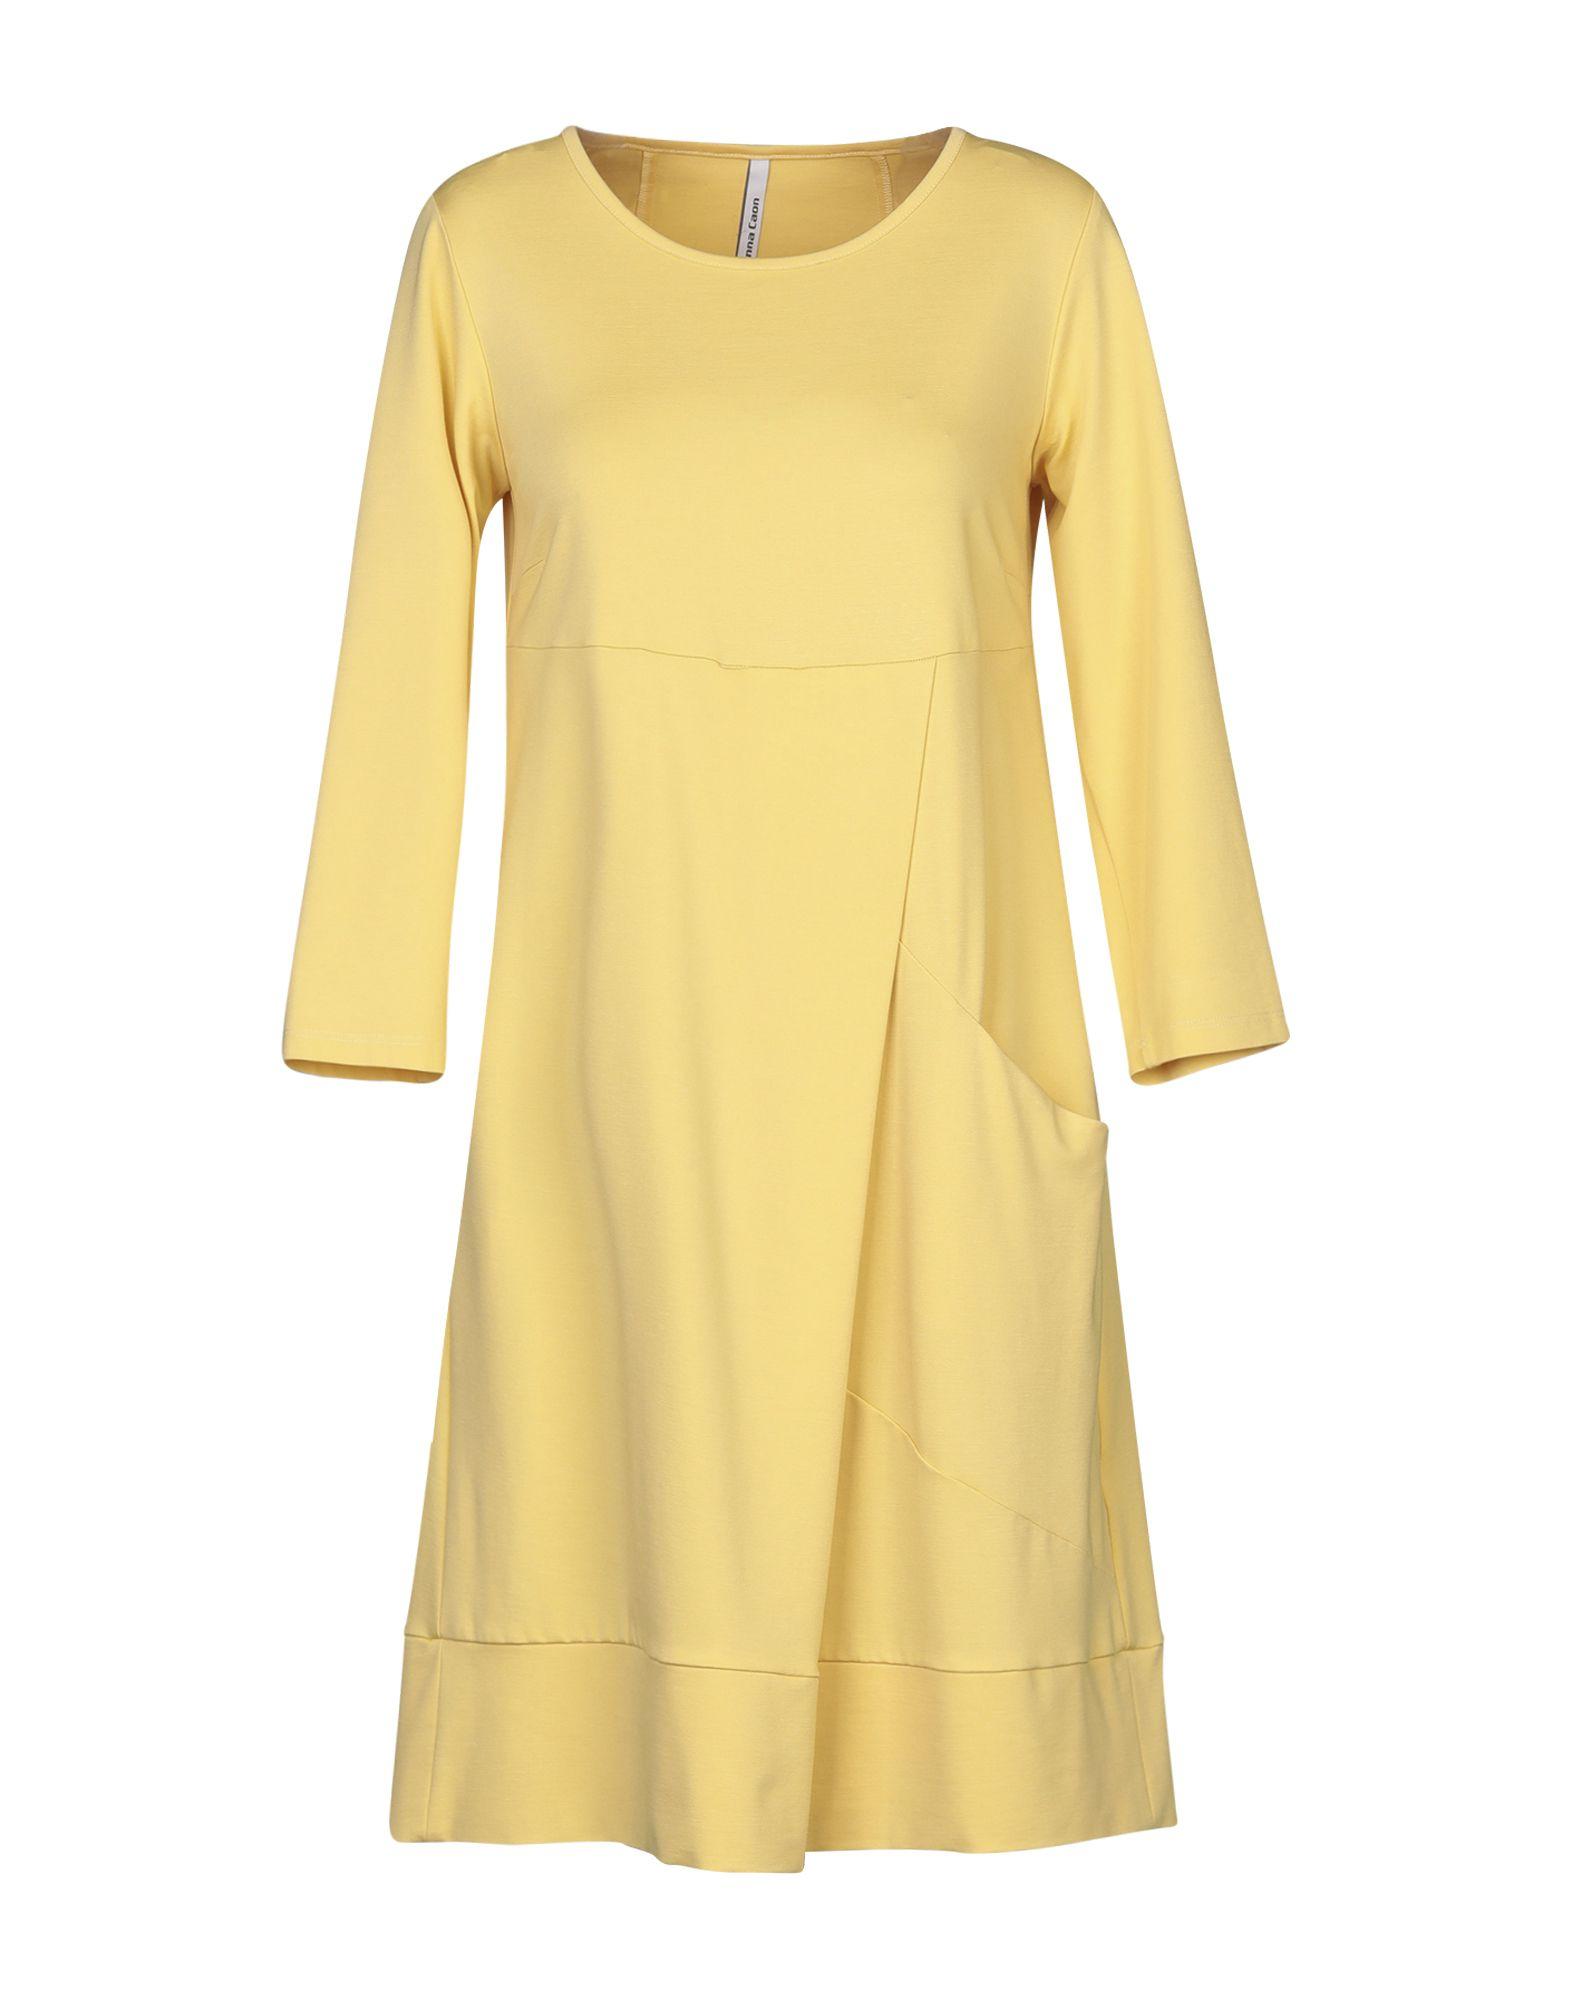 CORINNA CAON Короткое платье